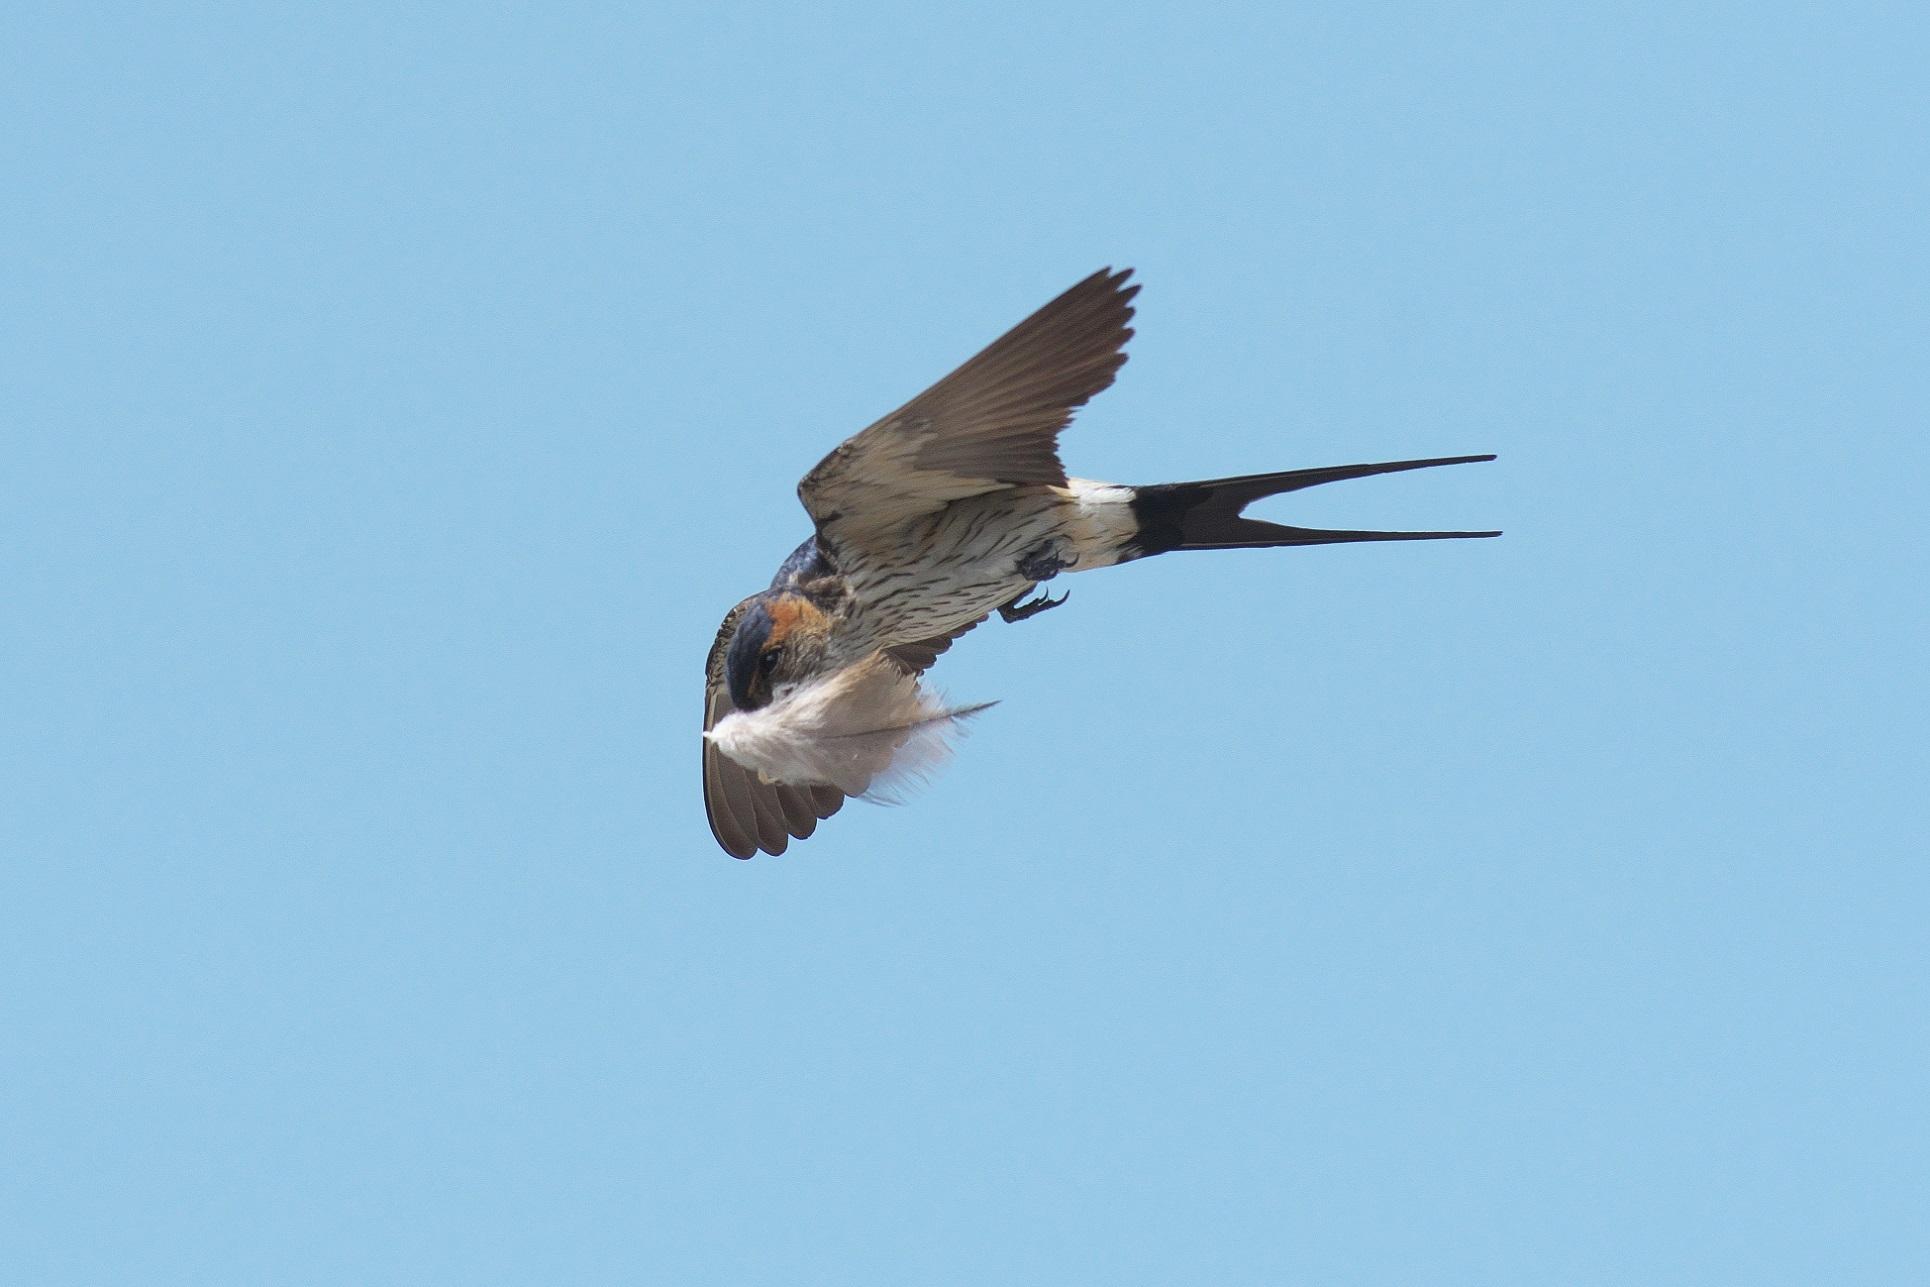 羽を咥えて飛ぶコシアカツバメ_c0383758_15540565.jpg